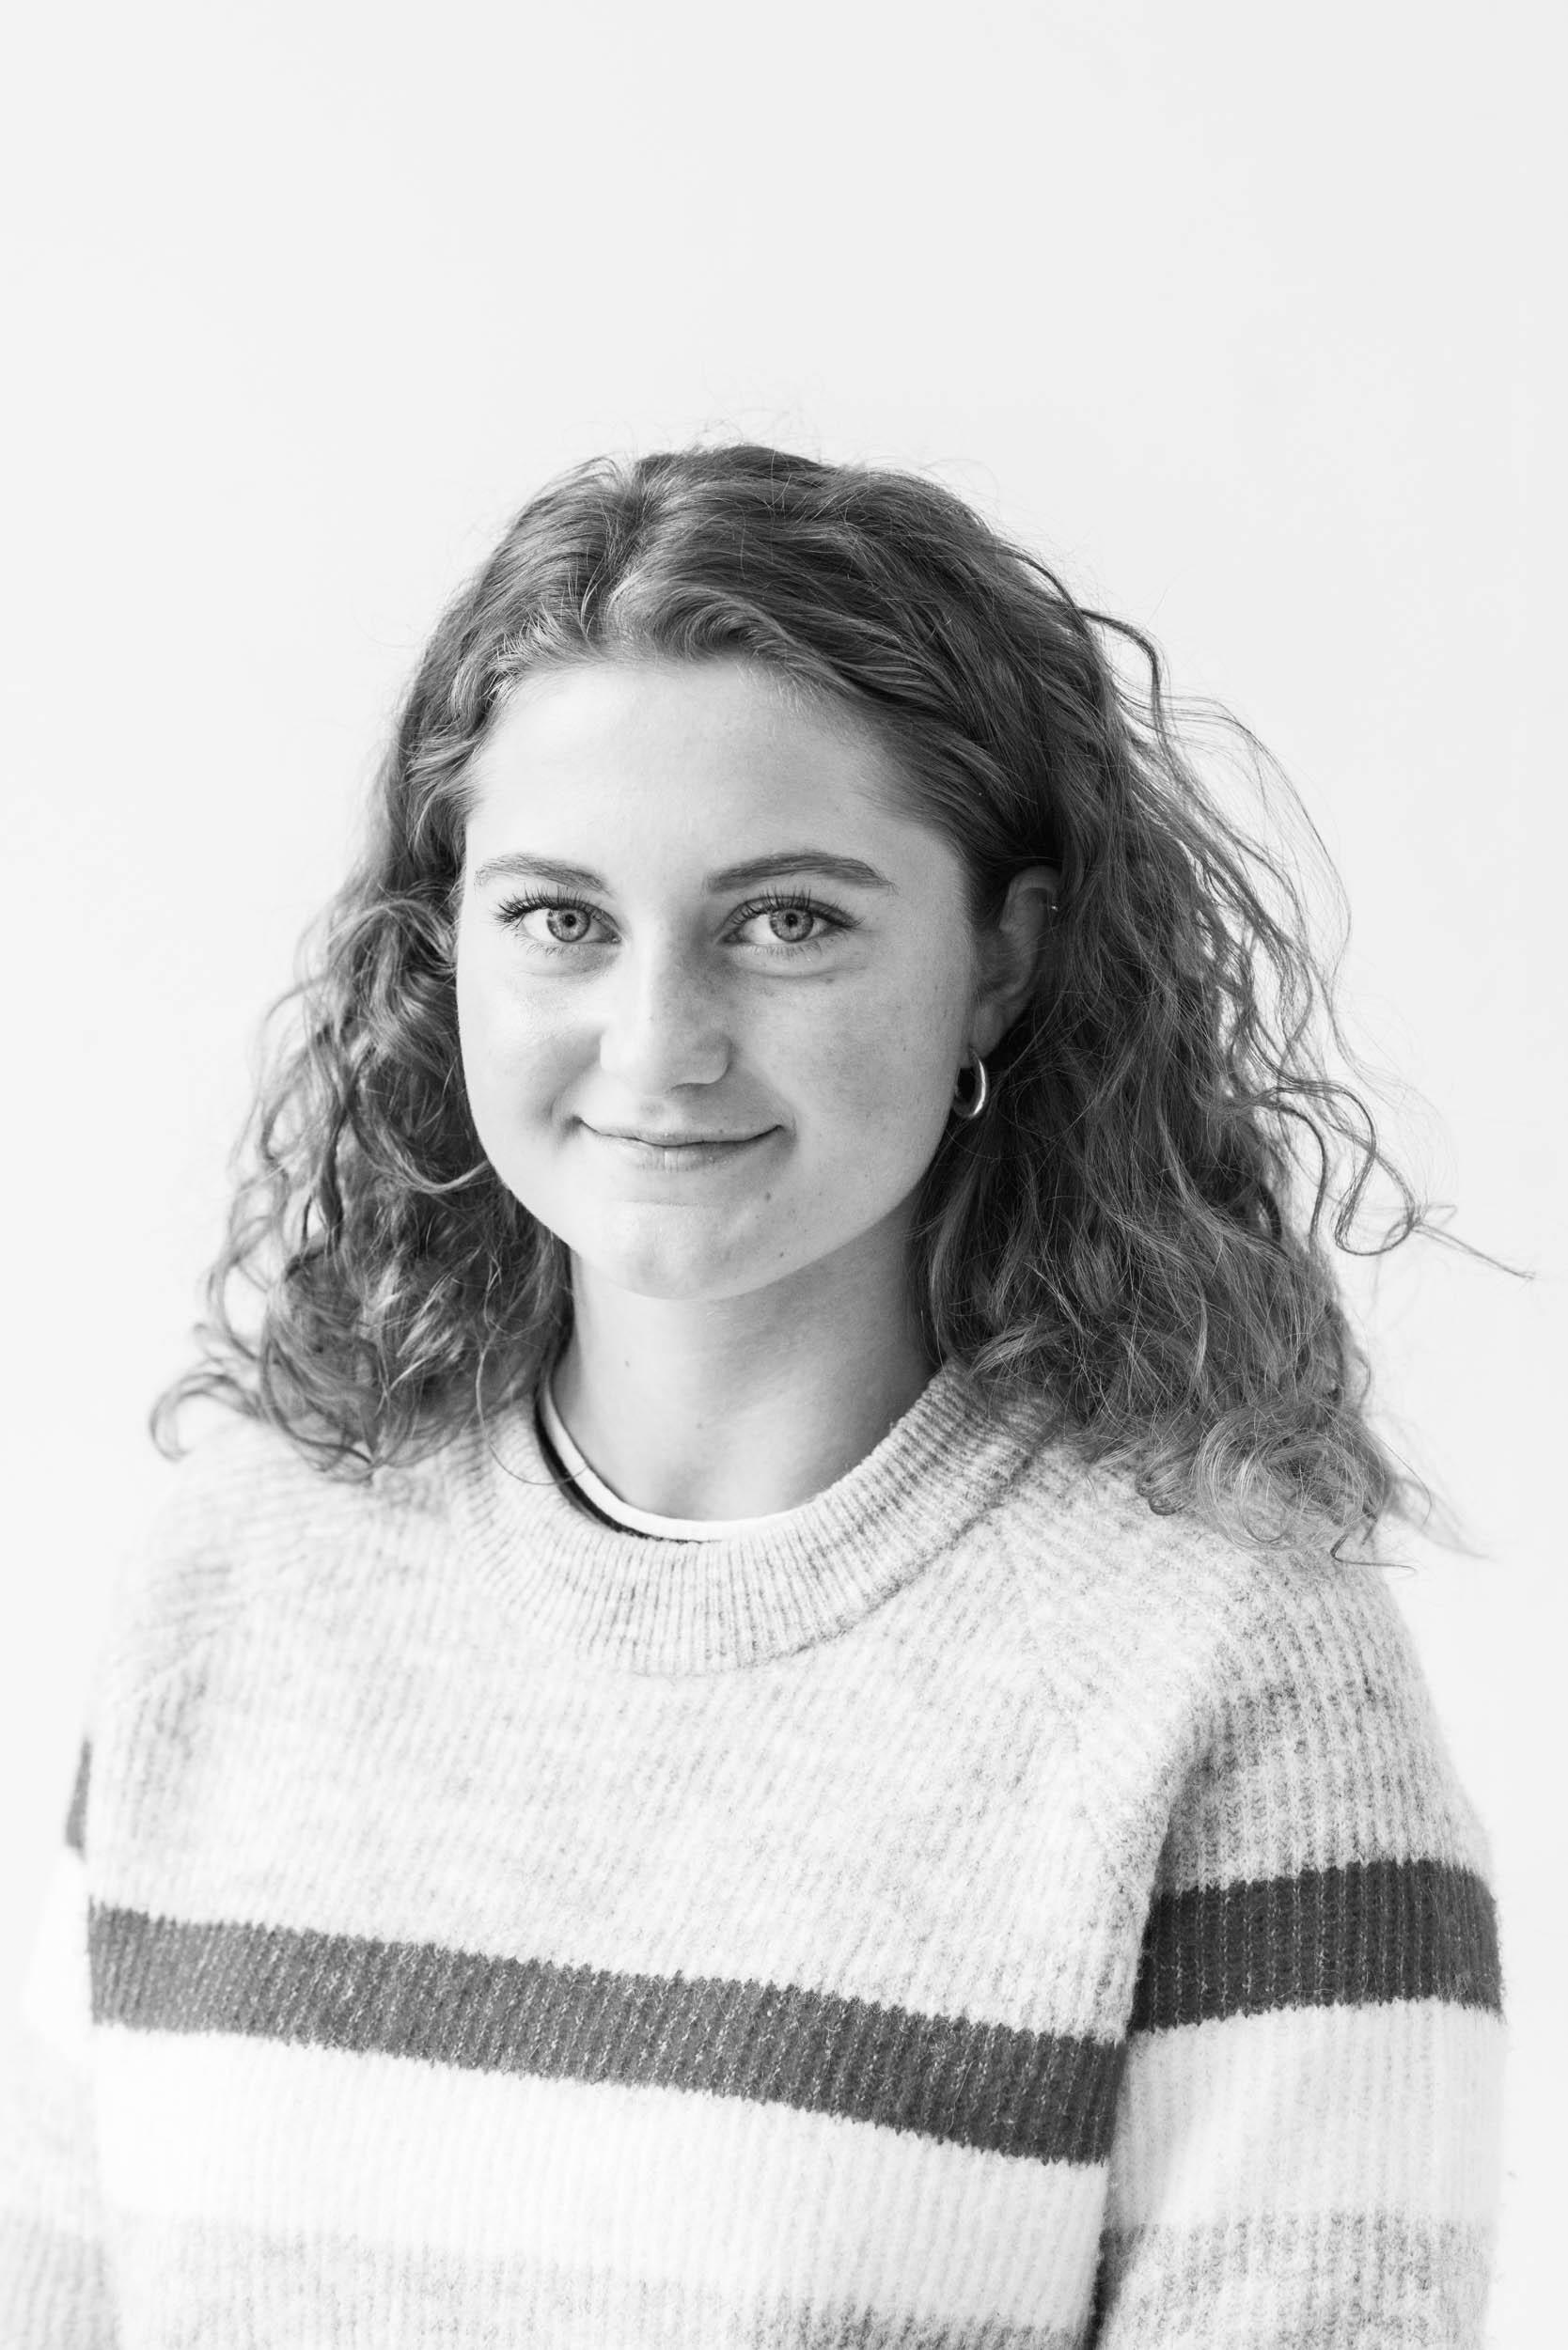 Liva Lykke Snebang Møller